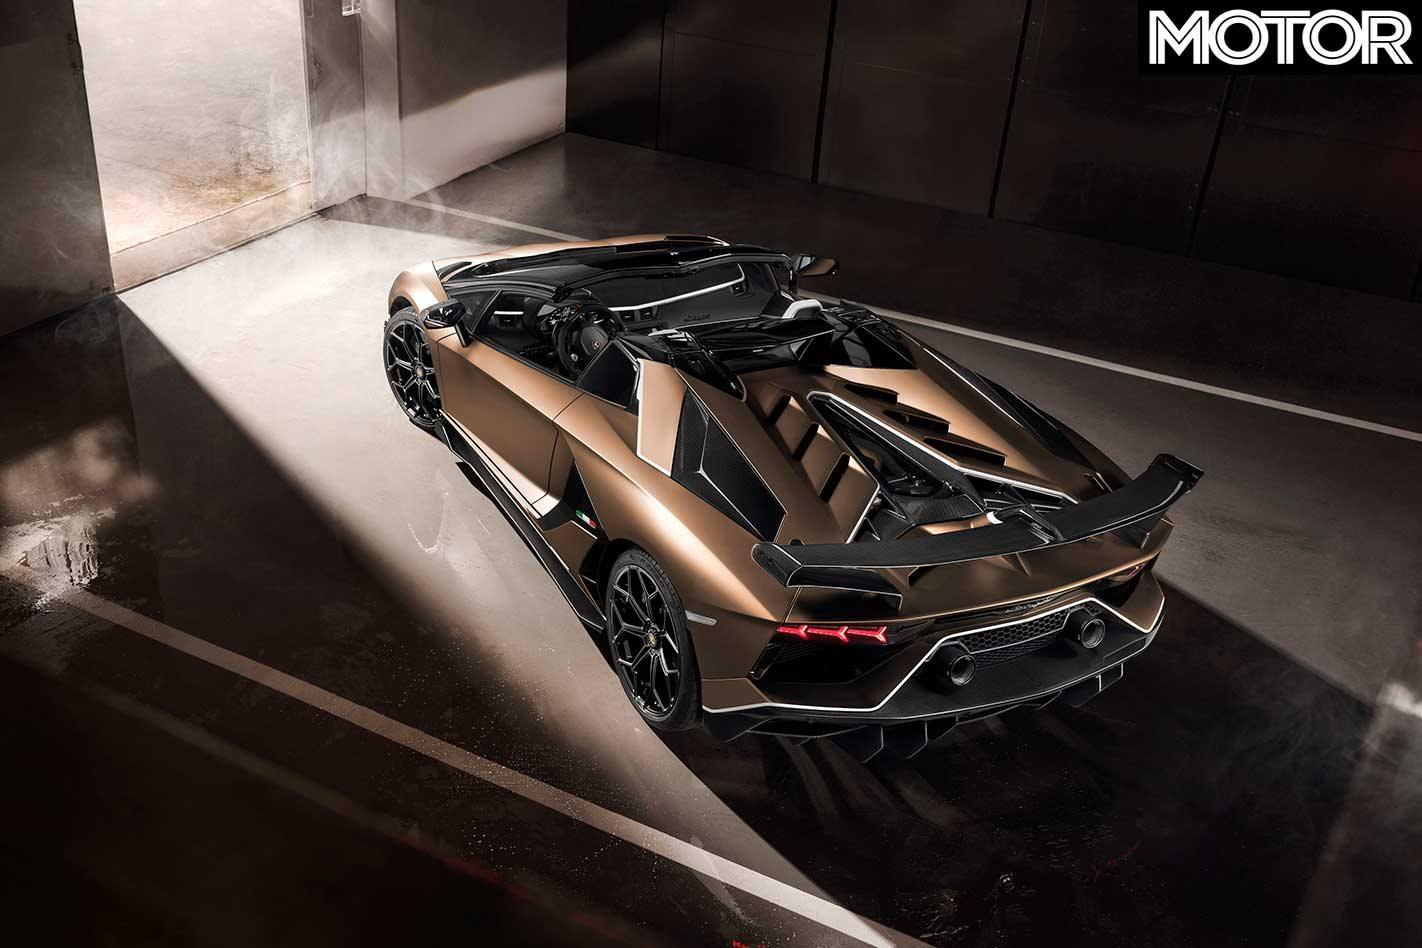 Lamborghini Aventador Svj Roadster Revealed At The 2019 Geneva Motor